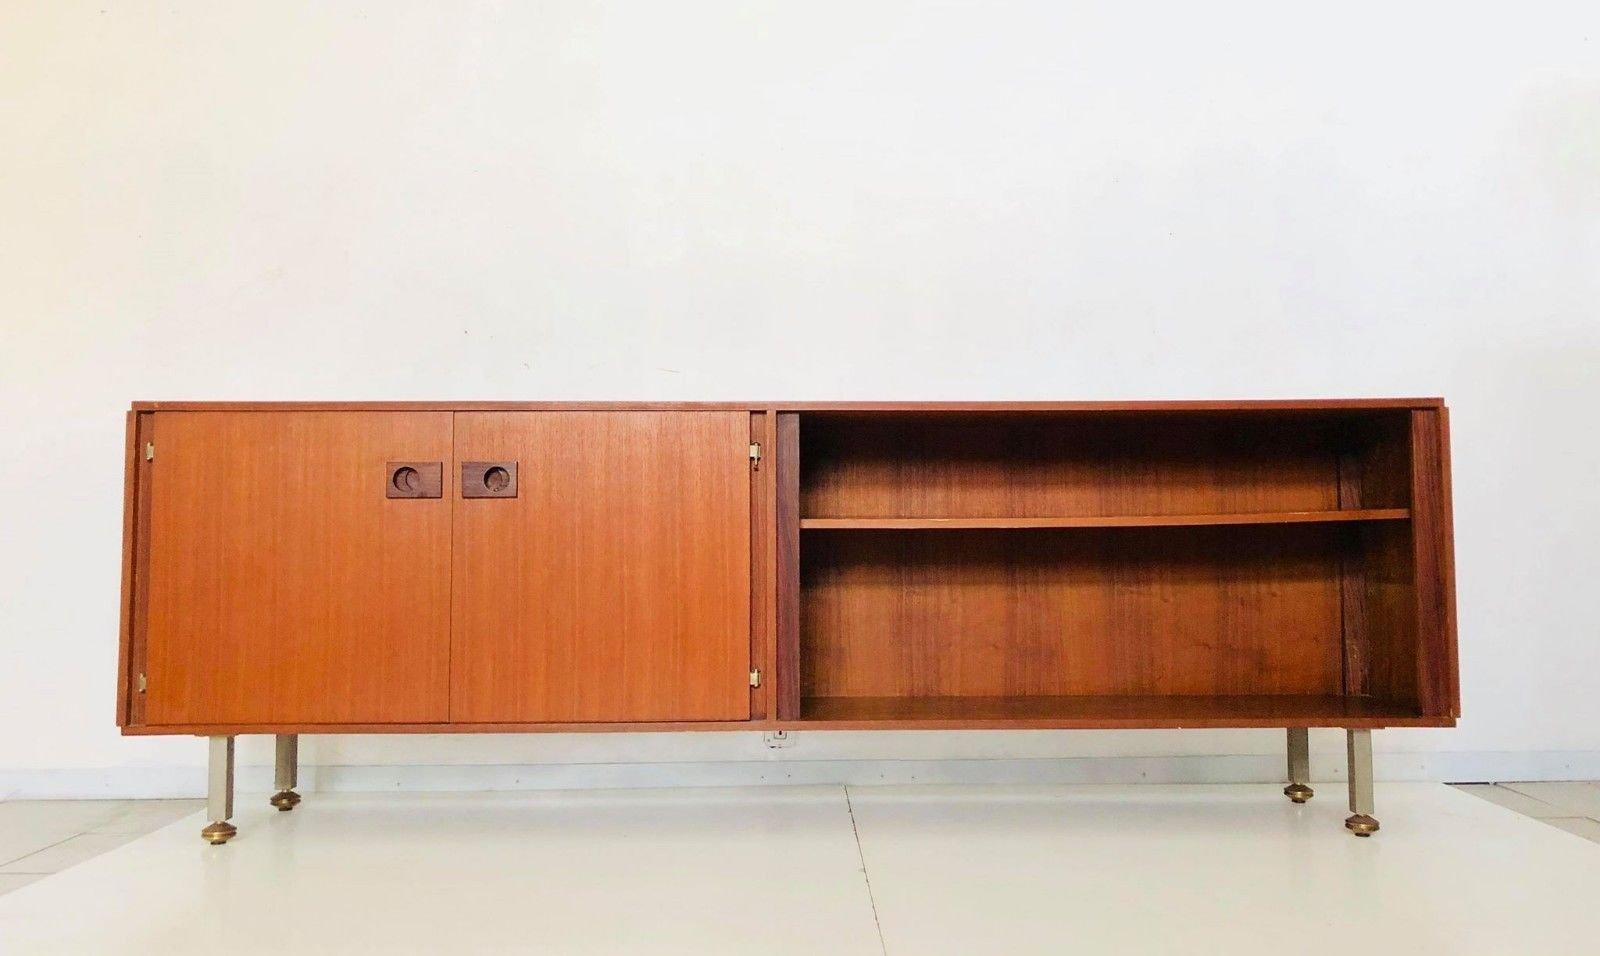 Credenza Bassa Da Giardino : Credenza bassa italia anni 60 in vendita su pamono